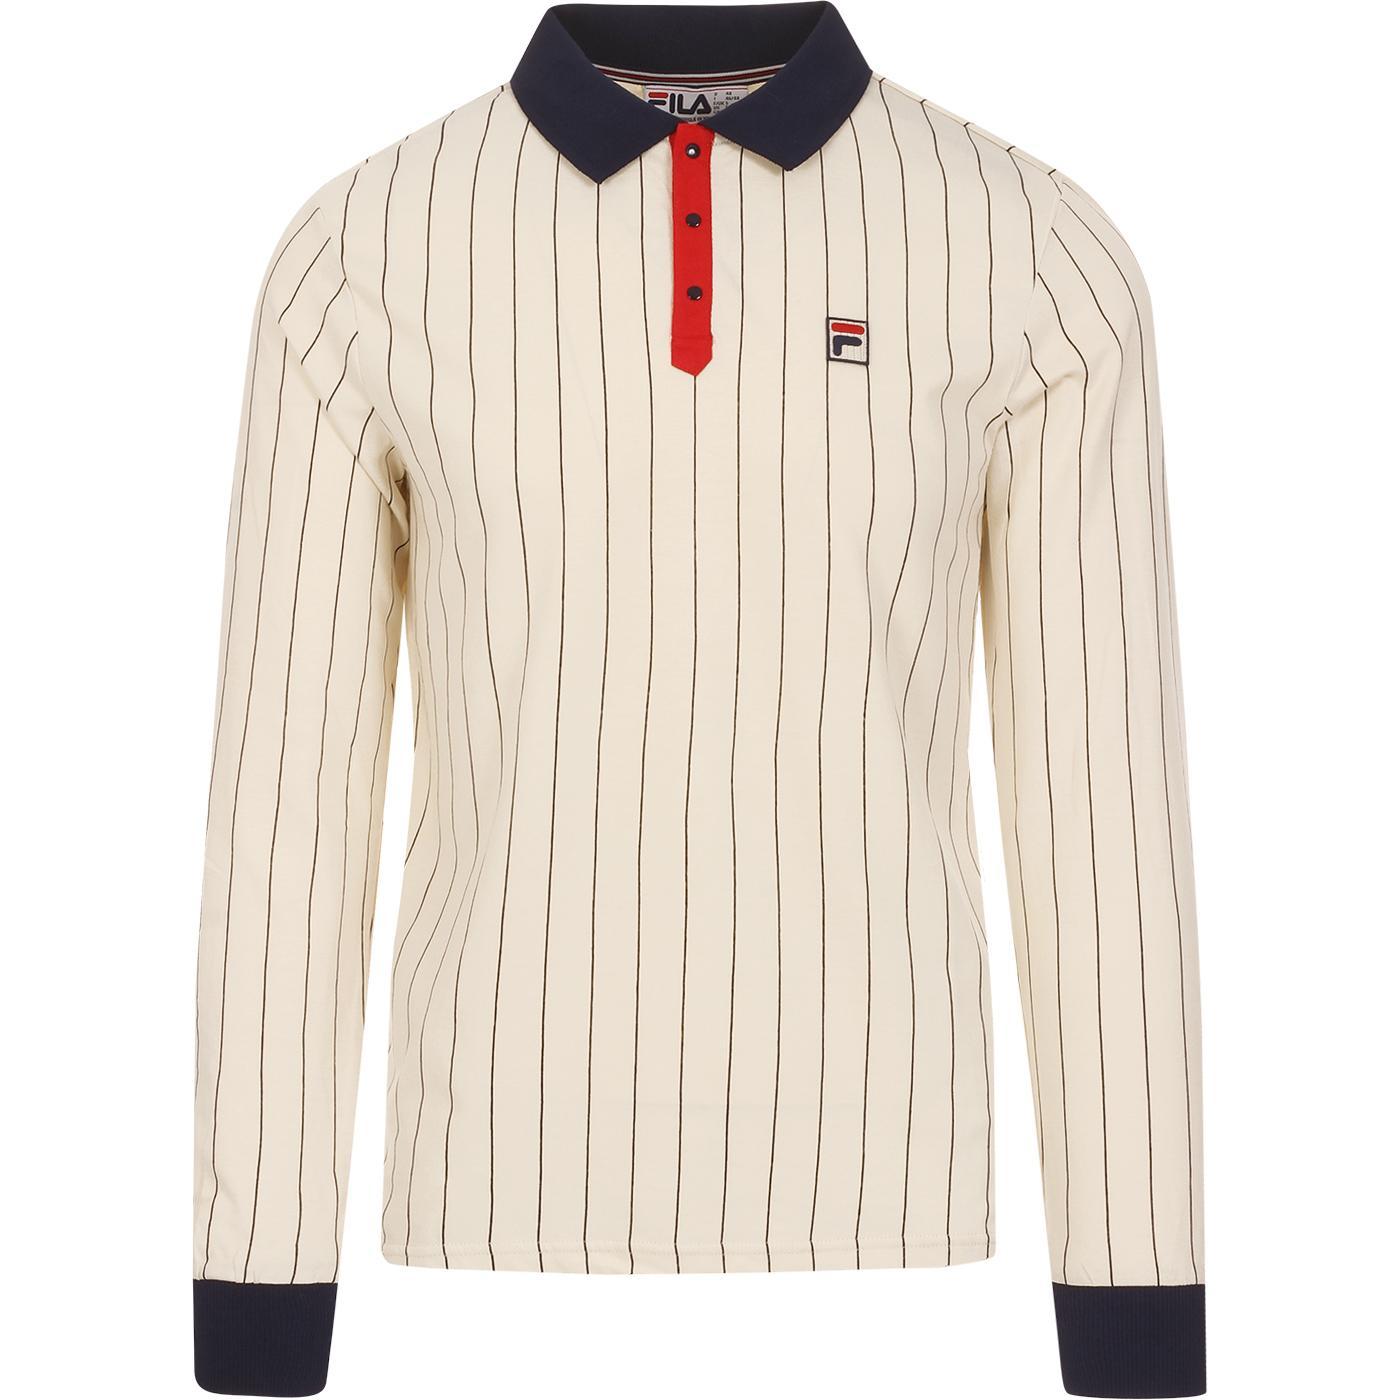 BB2 FILA VINTAGE Retro Long Sleeve Tennis Polo T